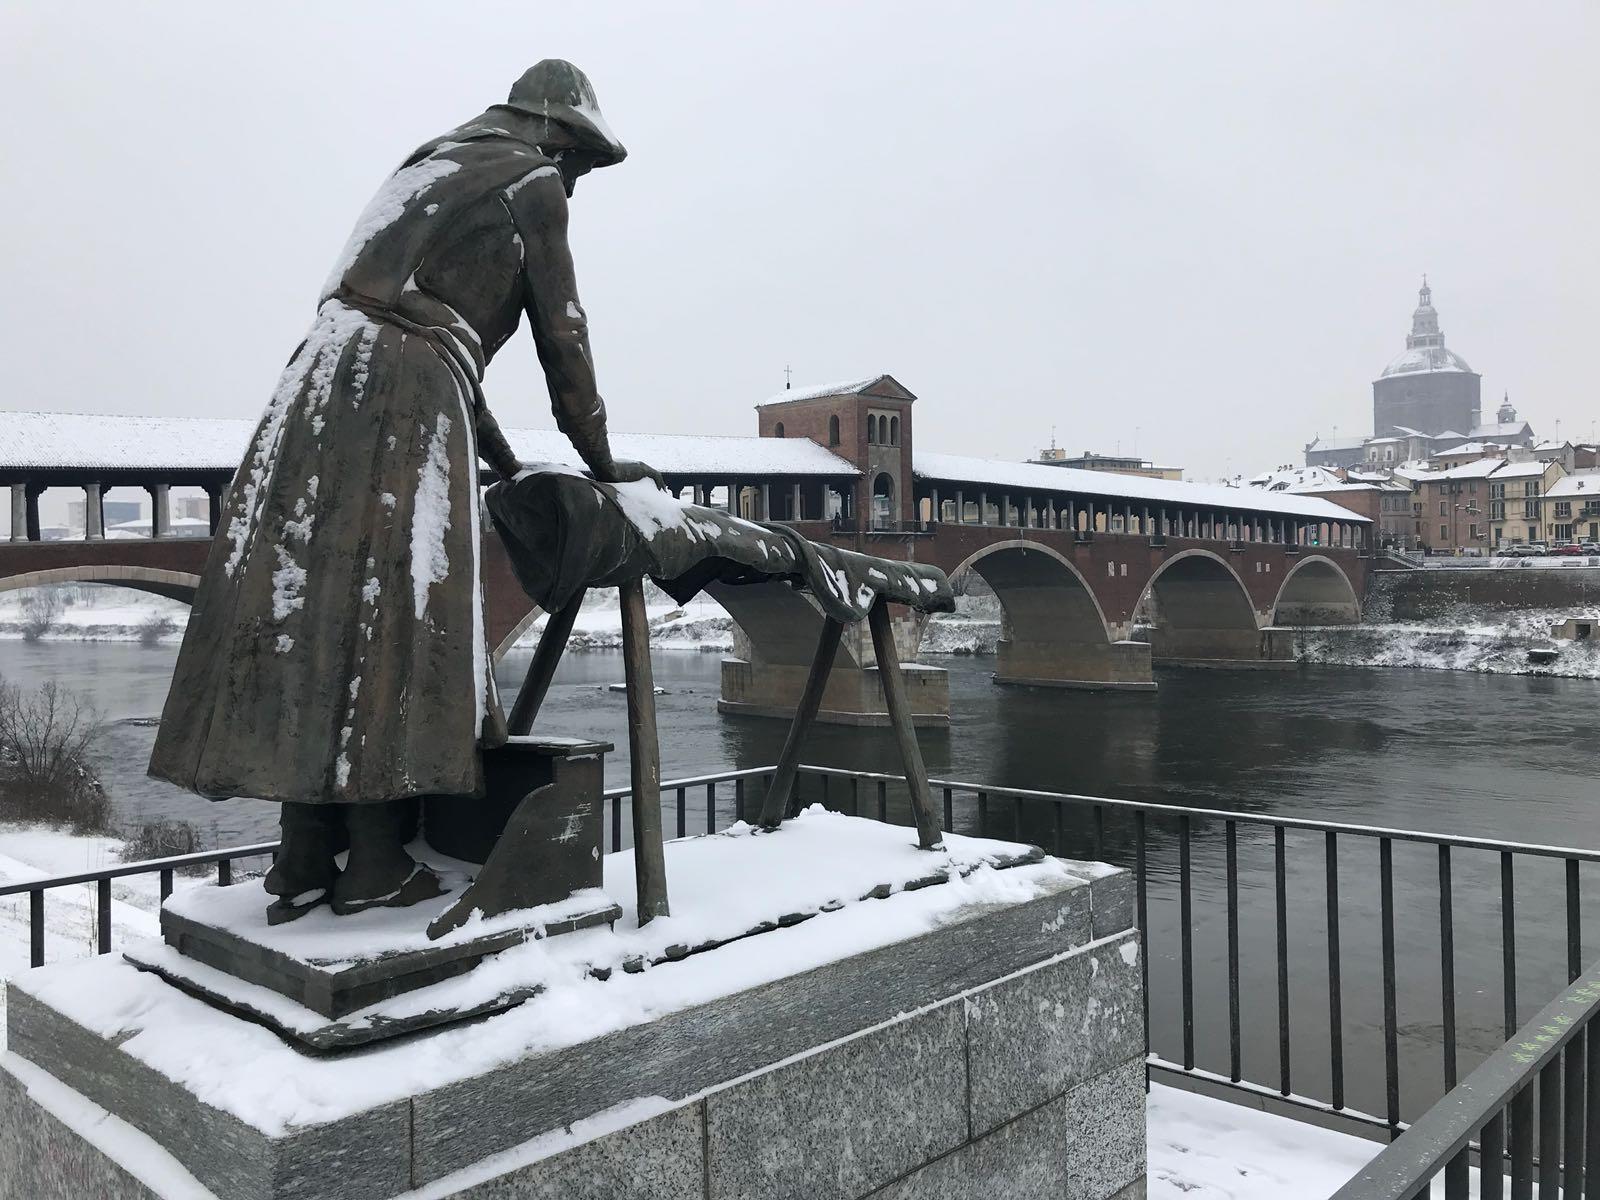 L'ultima: la neve di Marzo 2018!